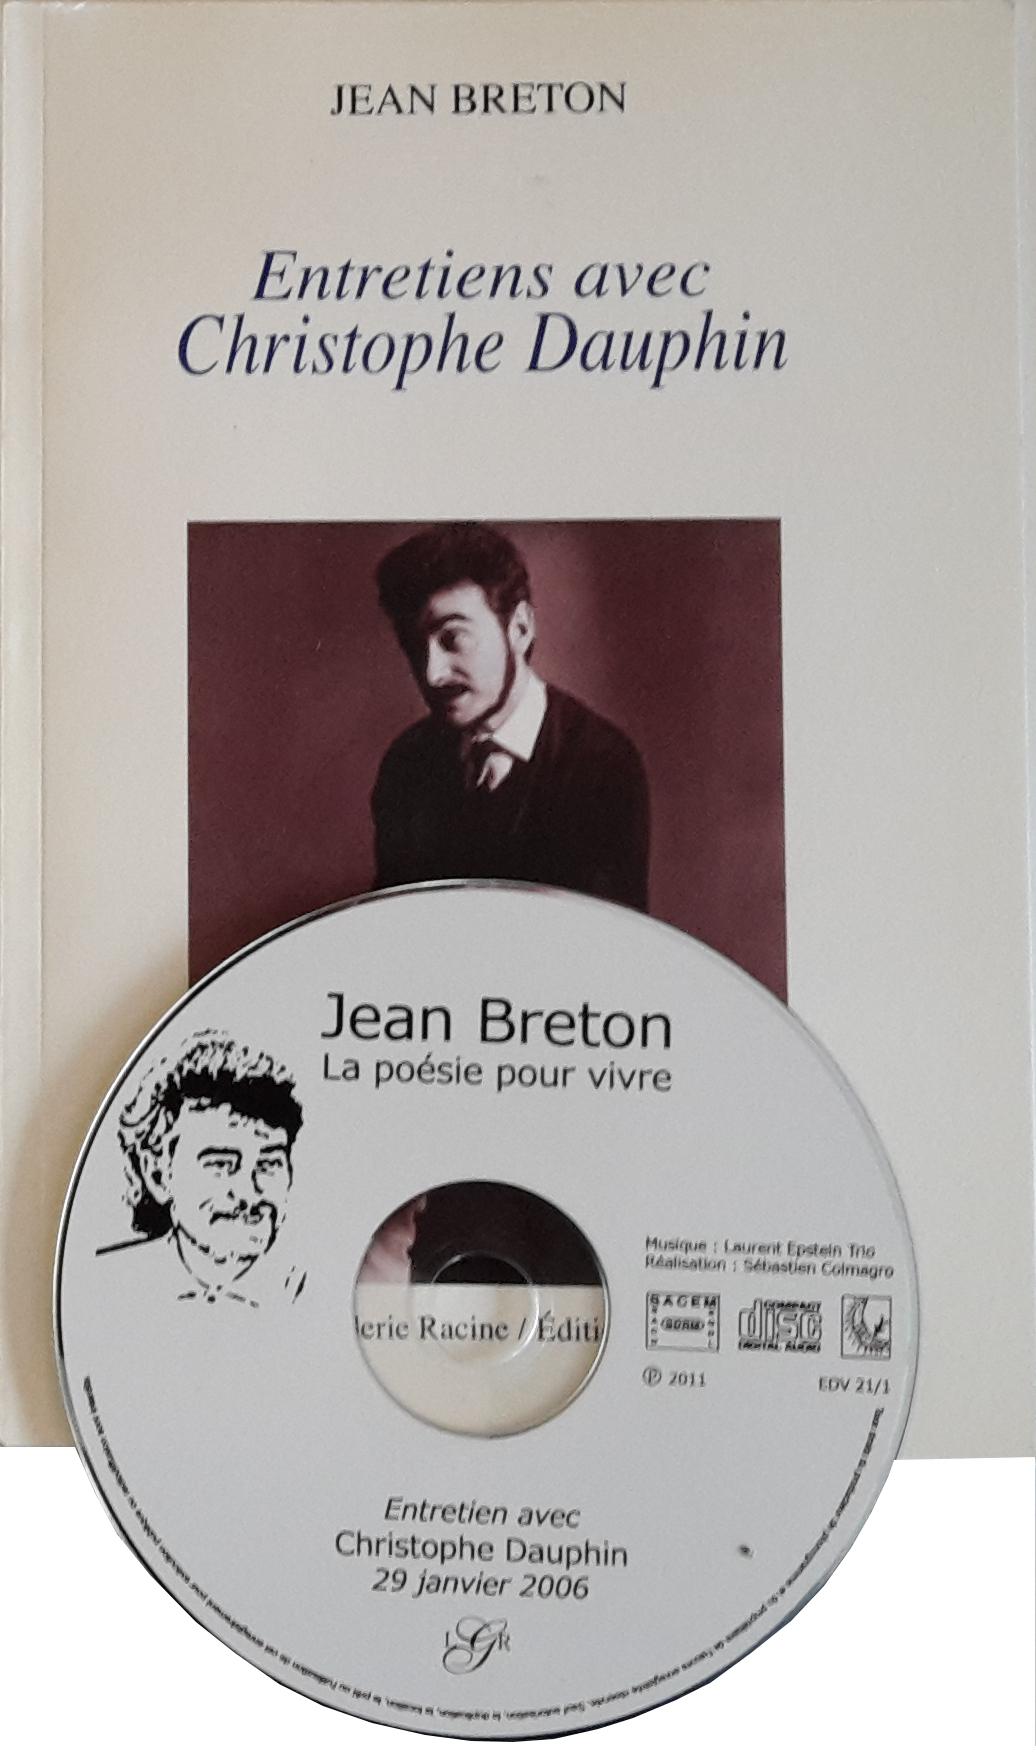 Jean Breton - Entretiens